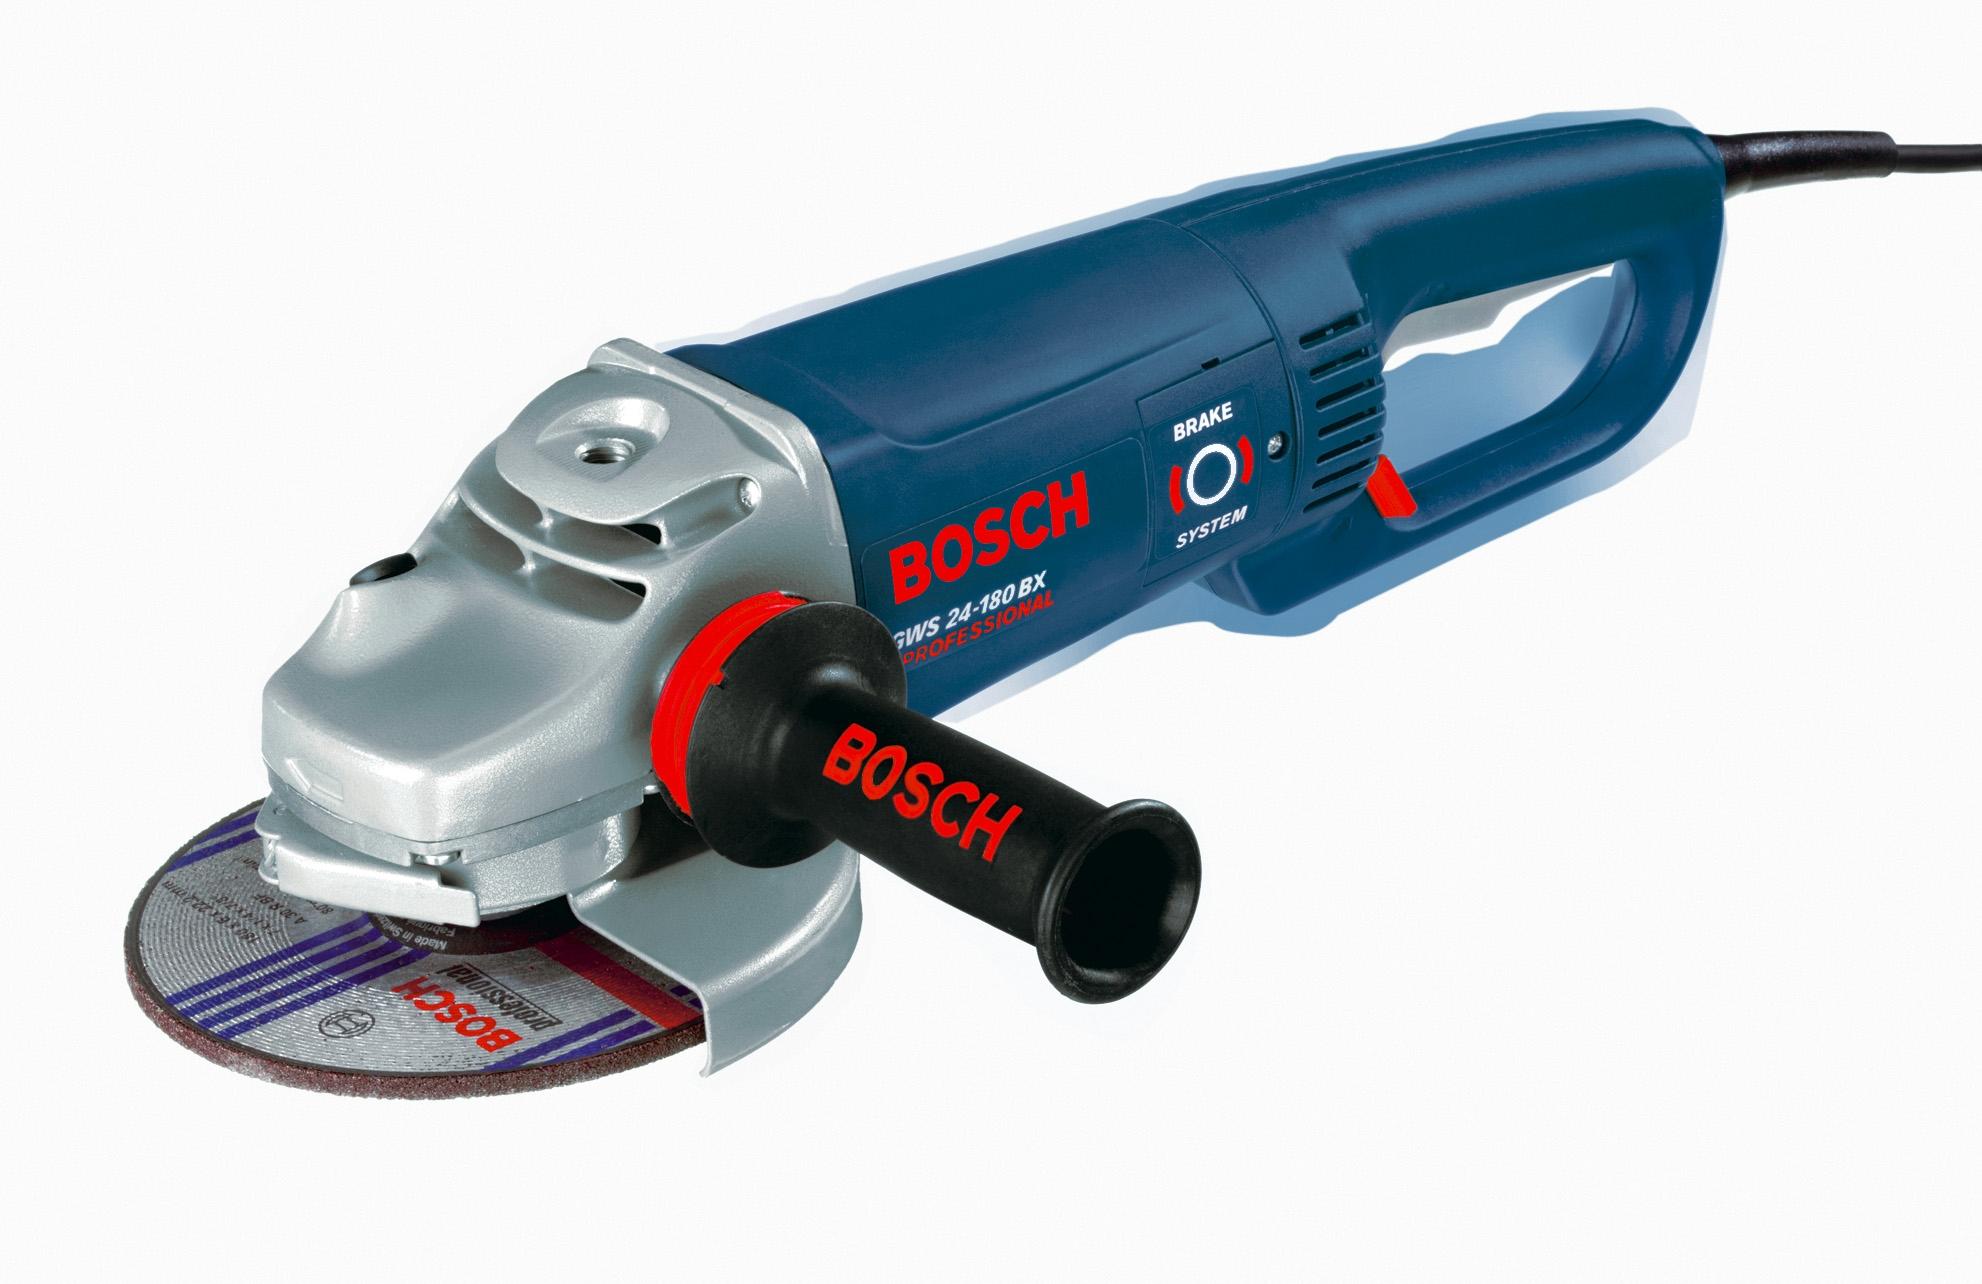 Bosch Tools Clipart.